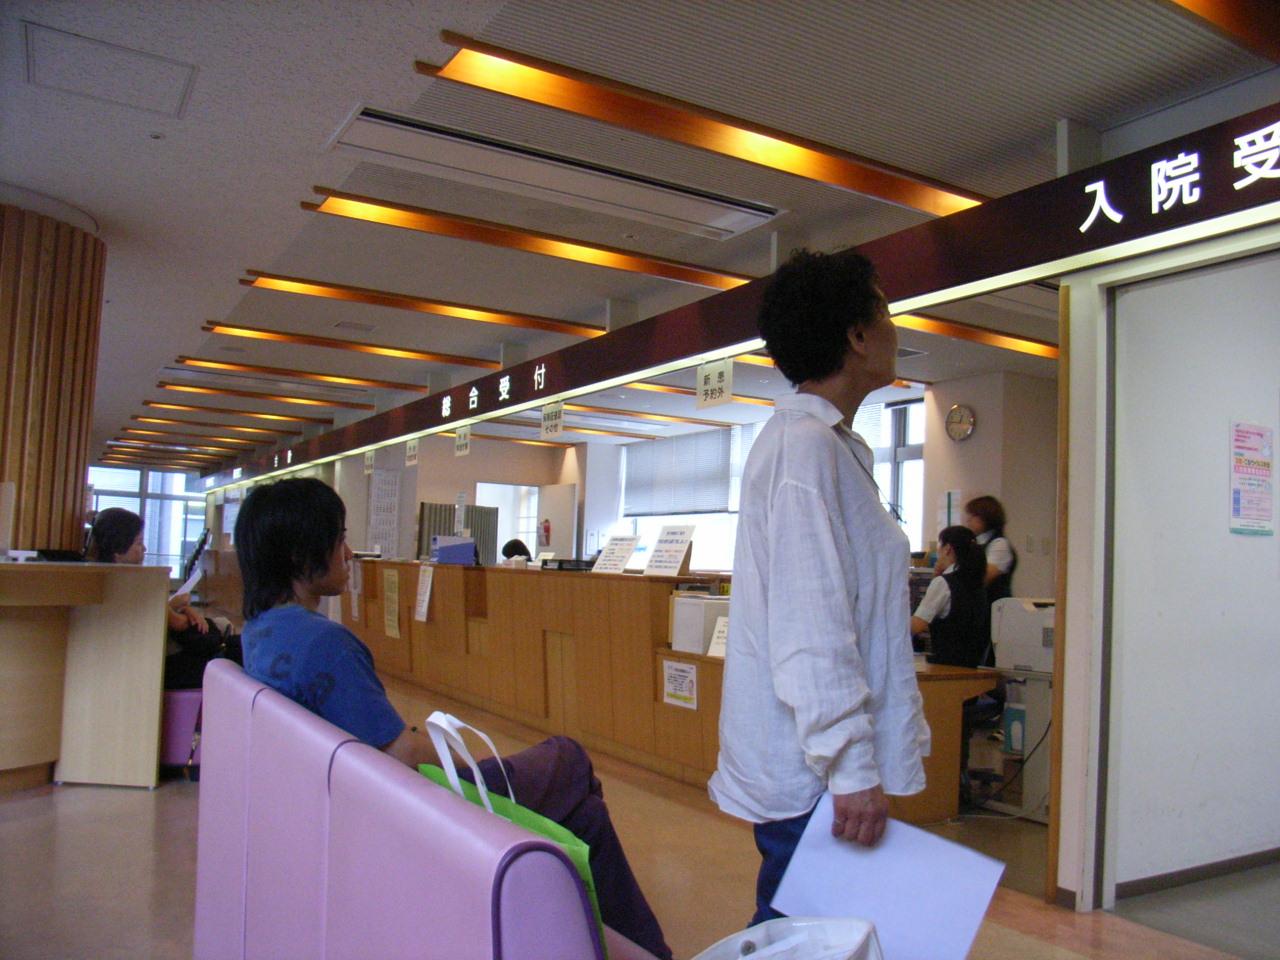 麻生総合病院 | 川崎市麻生区にある救急・労災指定  …